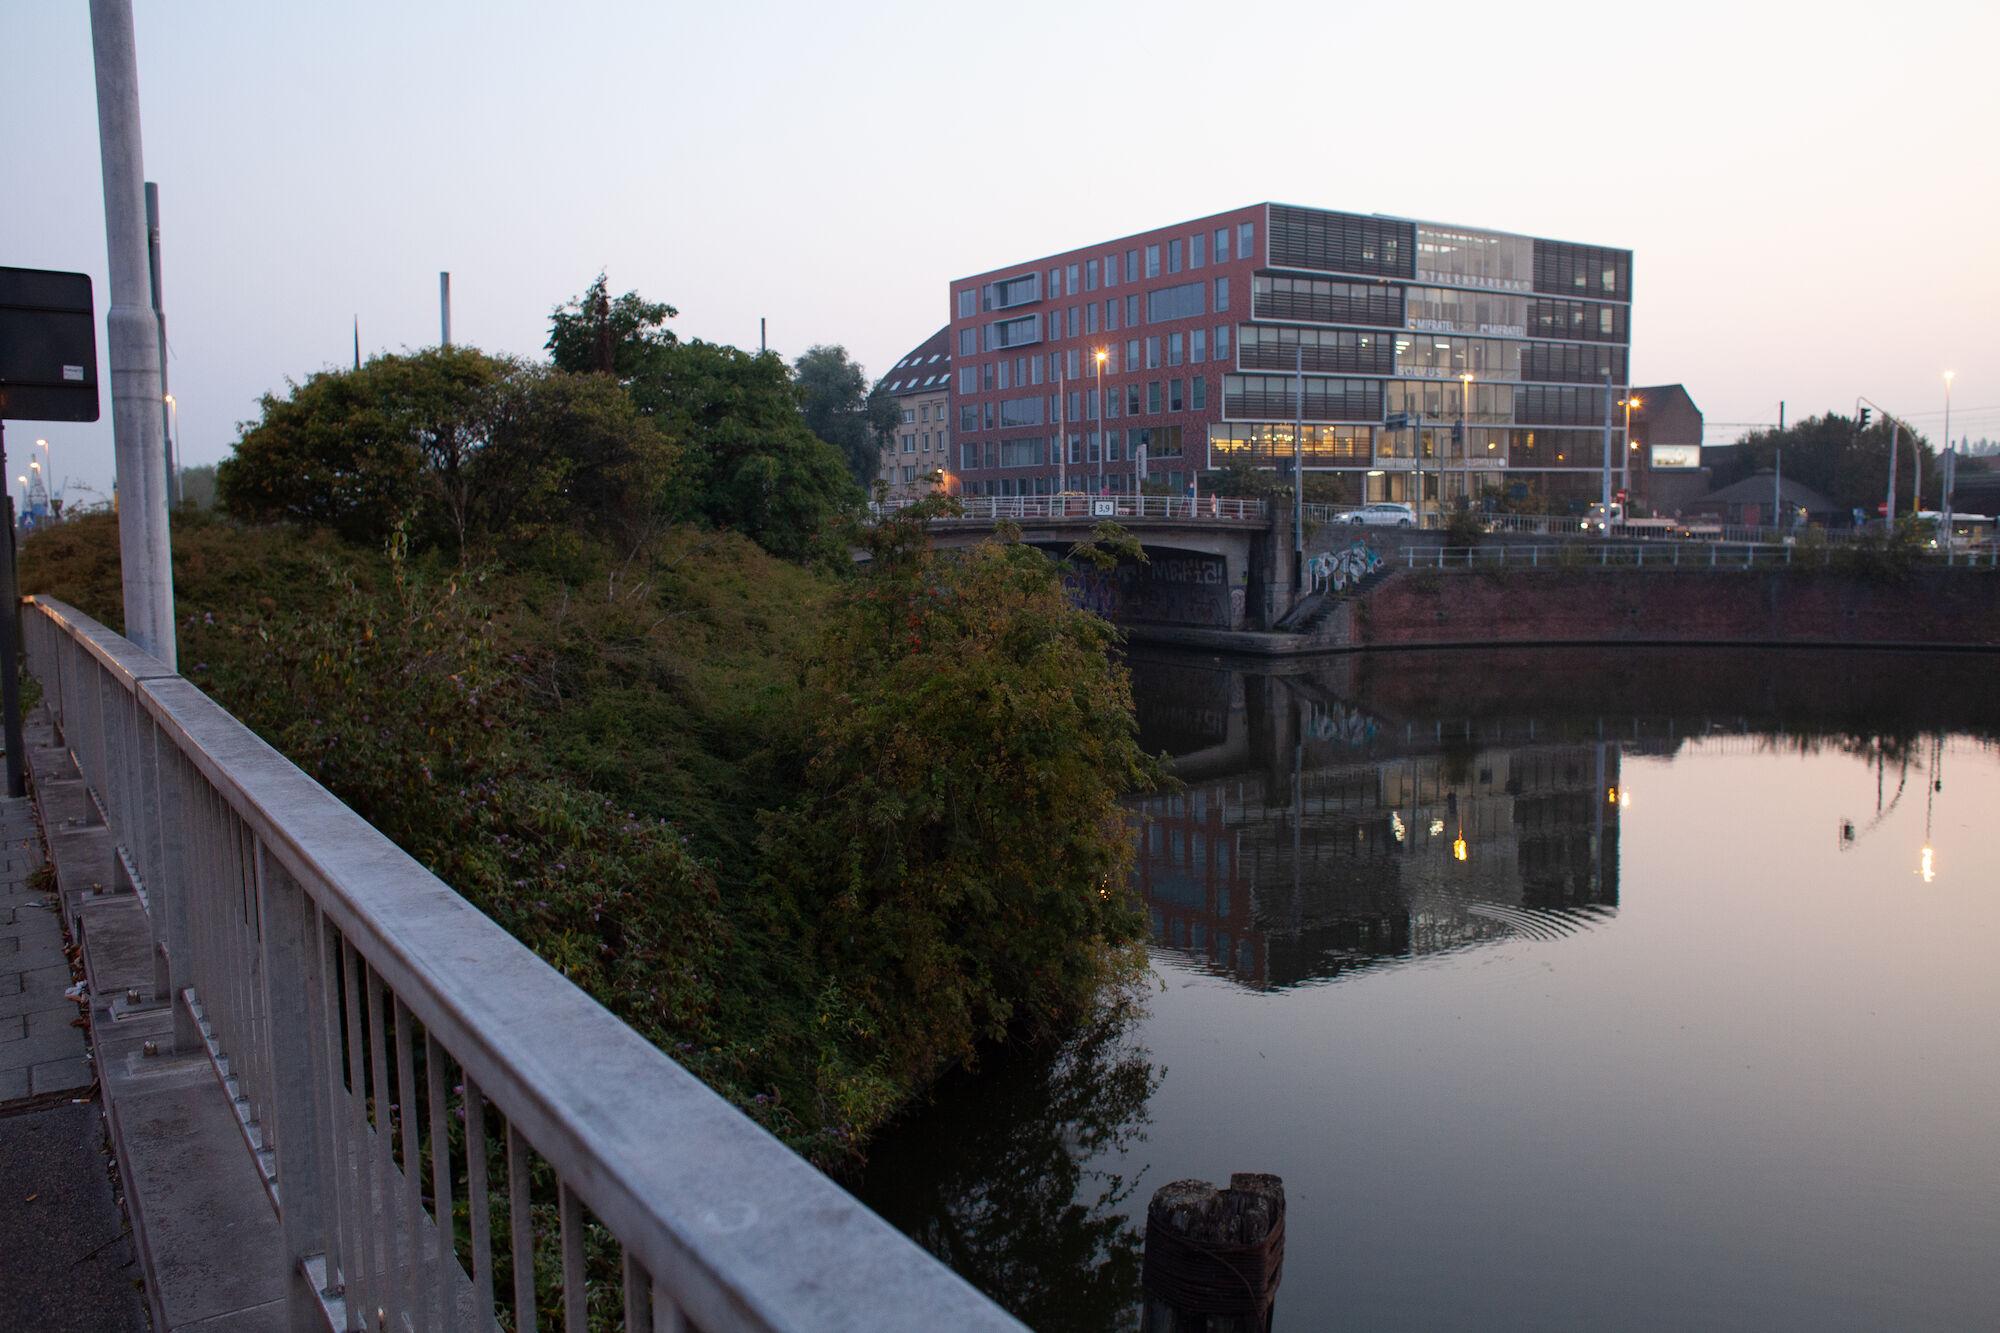 2019-08-27 Wijk Dampoort_ochtend_draaikom_verkeer-IMG_0892.jpg